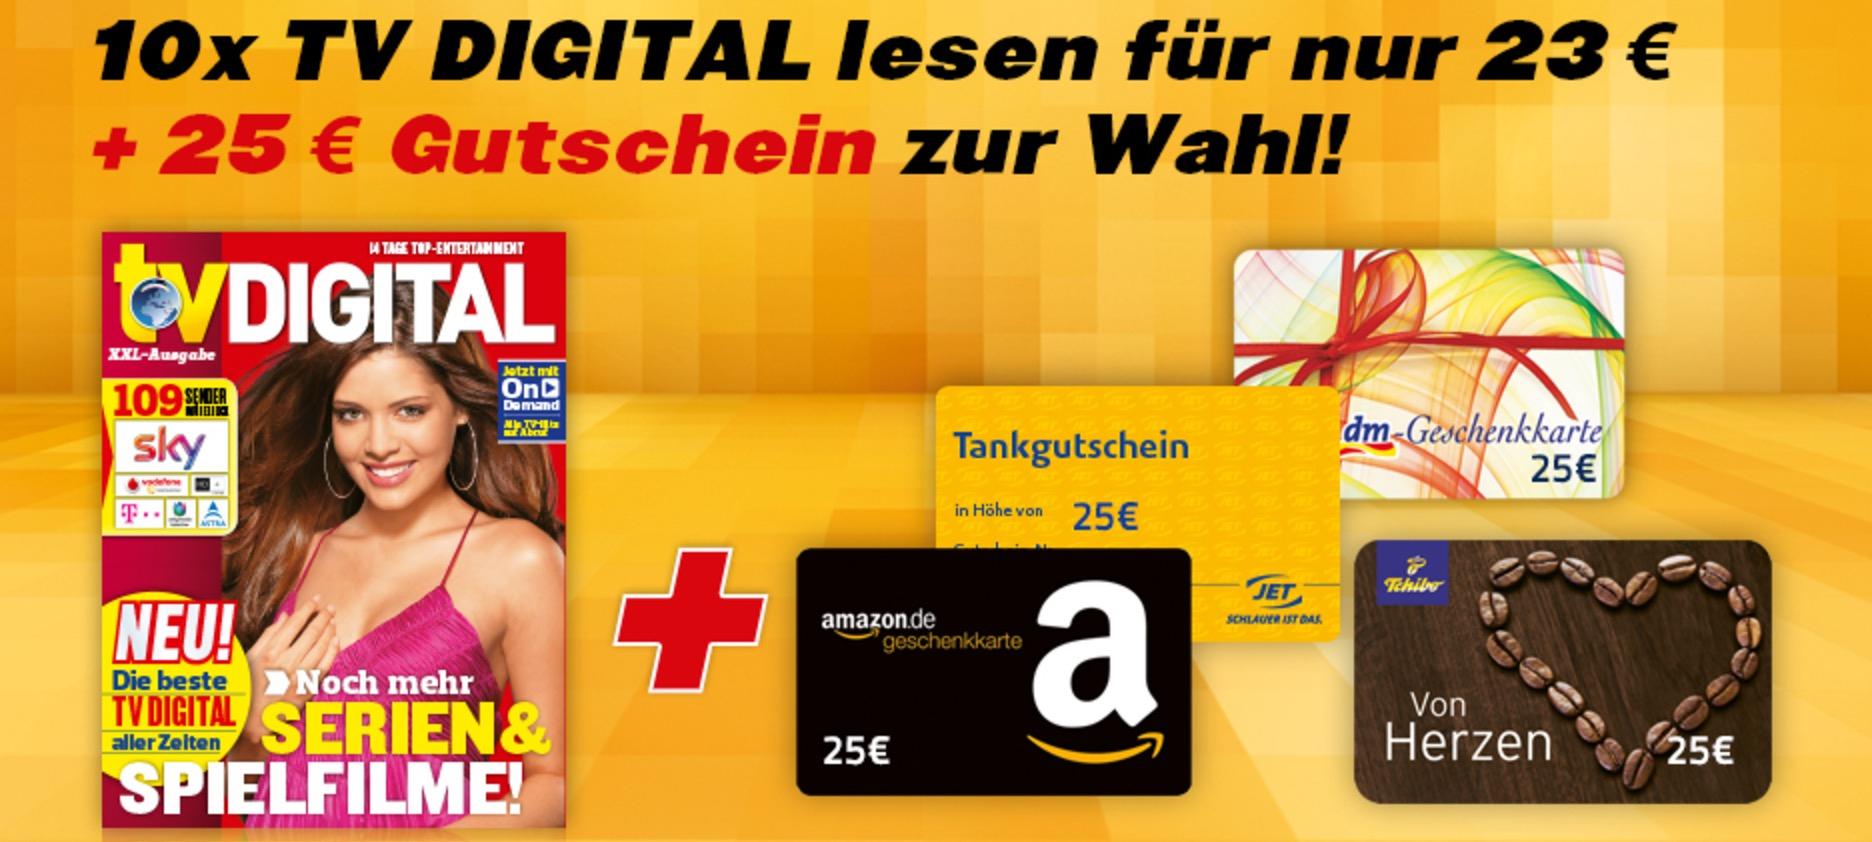 [Questler] TV Digital XXL Abo + 20 EUR Gutschein (z.B. Amazon) + 8 EUR